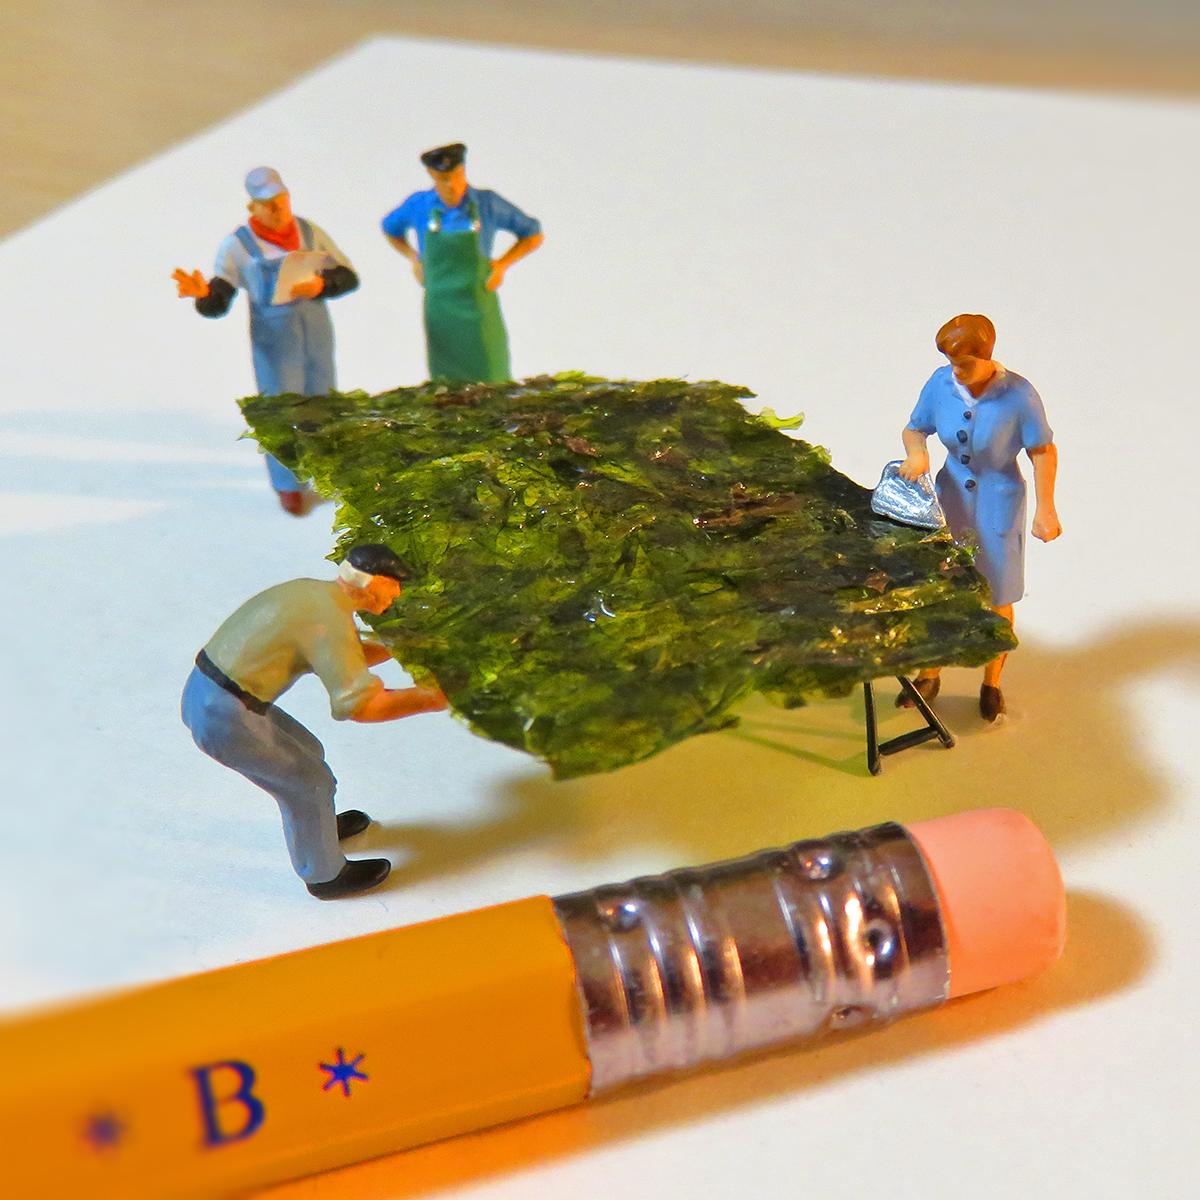 今日は海苔の日!アイロンで海苔をパリッと仕上げる女性と作業員